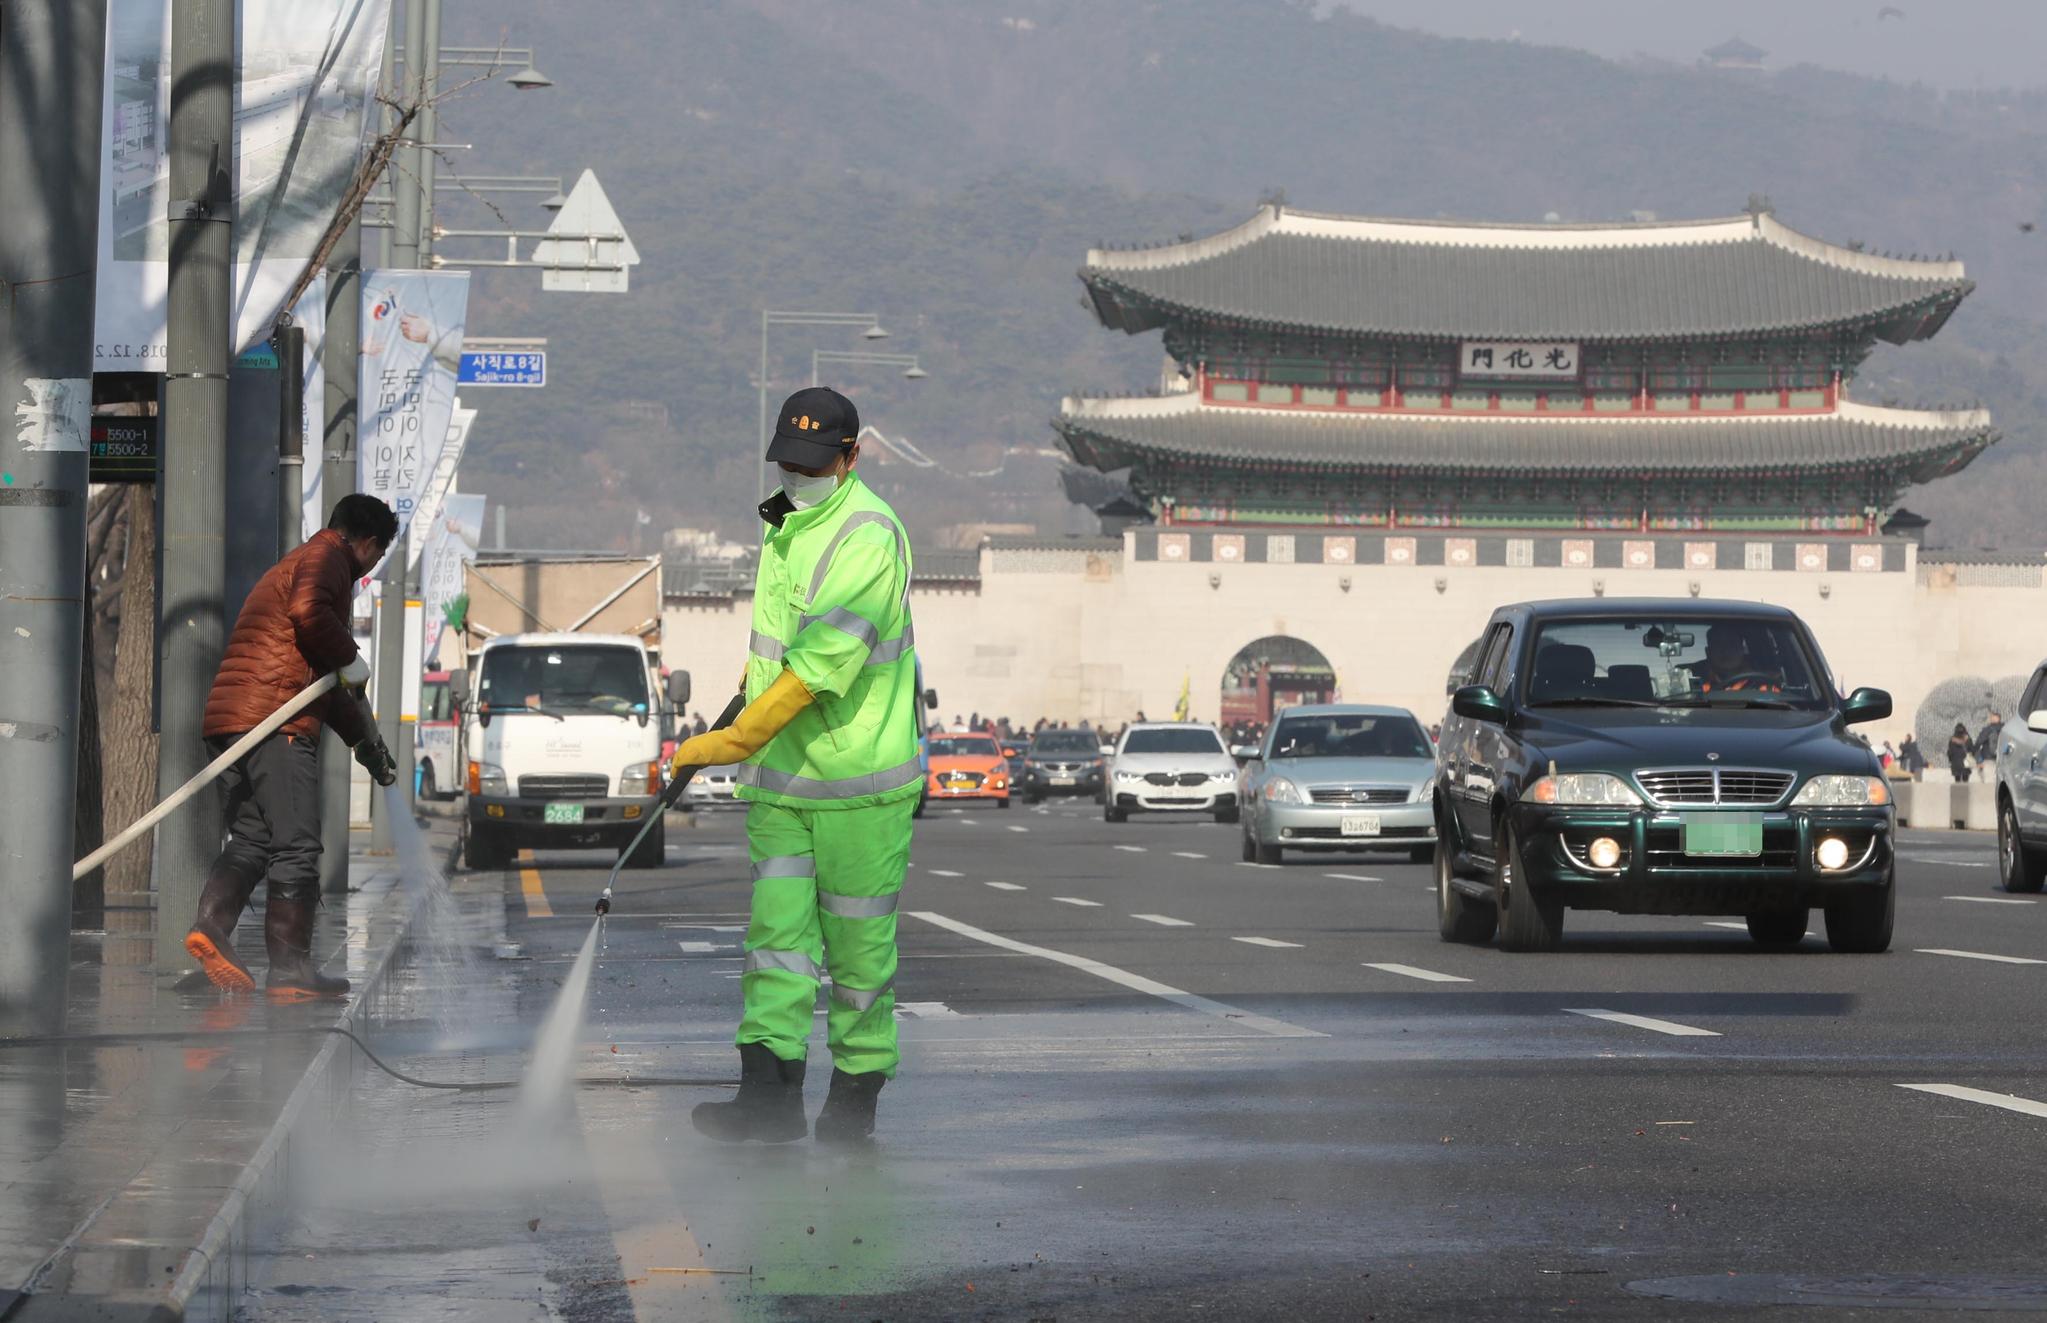 수도권에 미세먼지 비상저감 조치가 발령된 13일 오후 서울 종로구청 관계자들이 미세먼지를 줄이기 위해 세종문화회관 앞 도로에 물을 뿌리고 있다. 강정현 기자